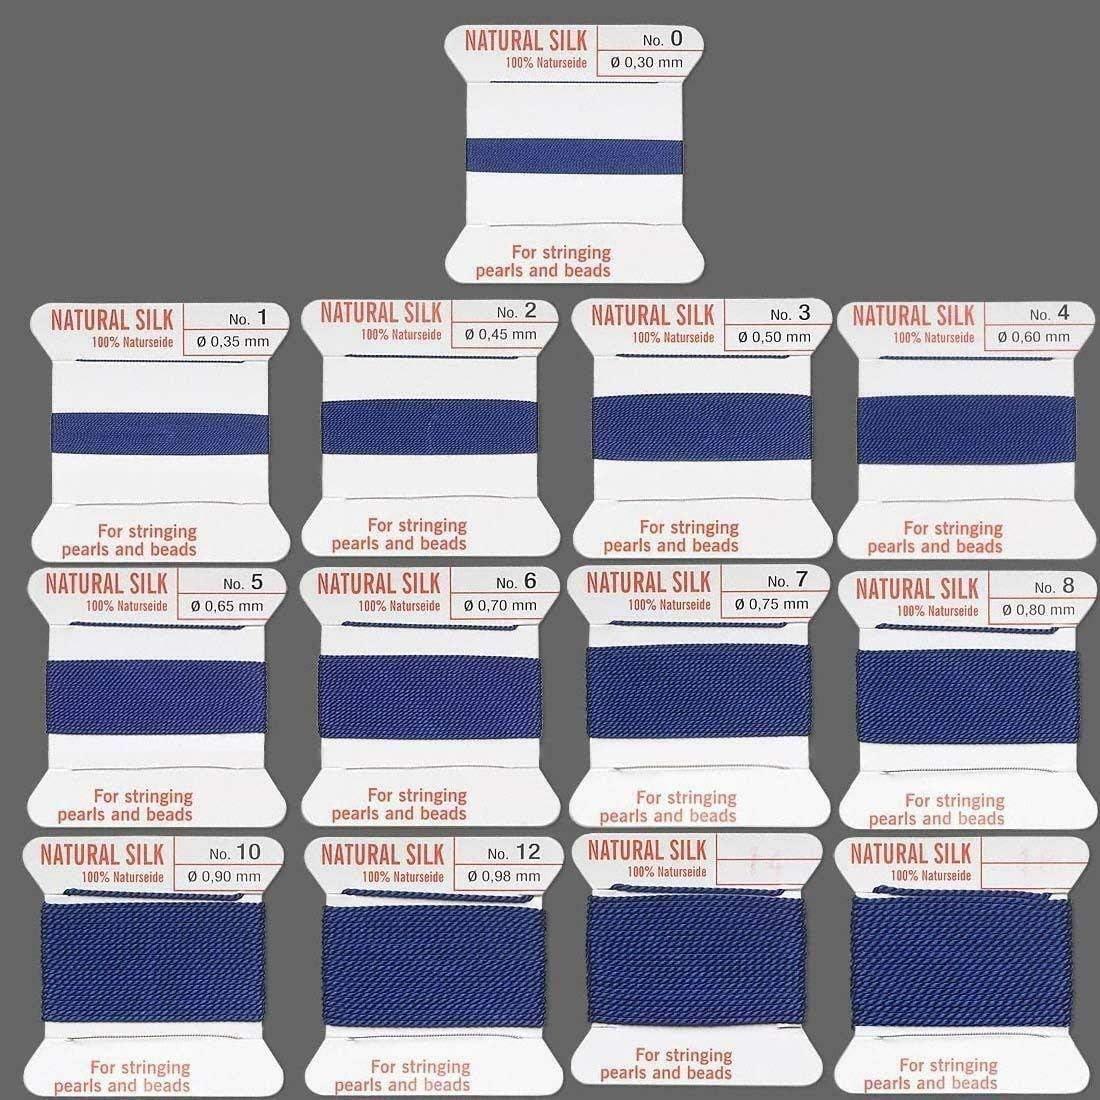 DARK BLUE SILK STRING THREAD 0.80mm STRINGING PEARLS /& BEADS GRIFFIN SIZE 8